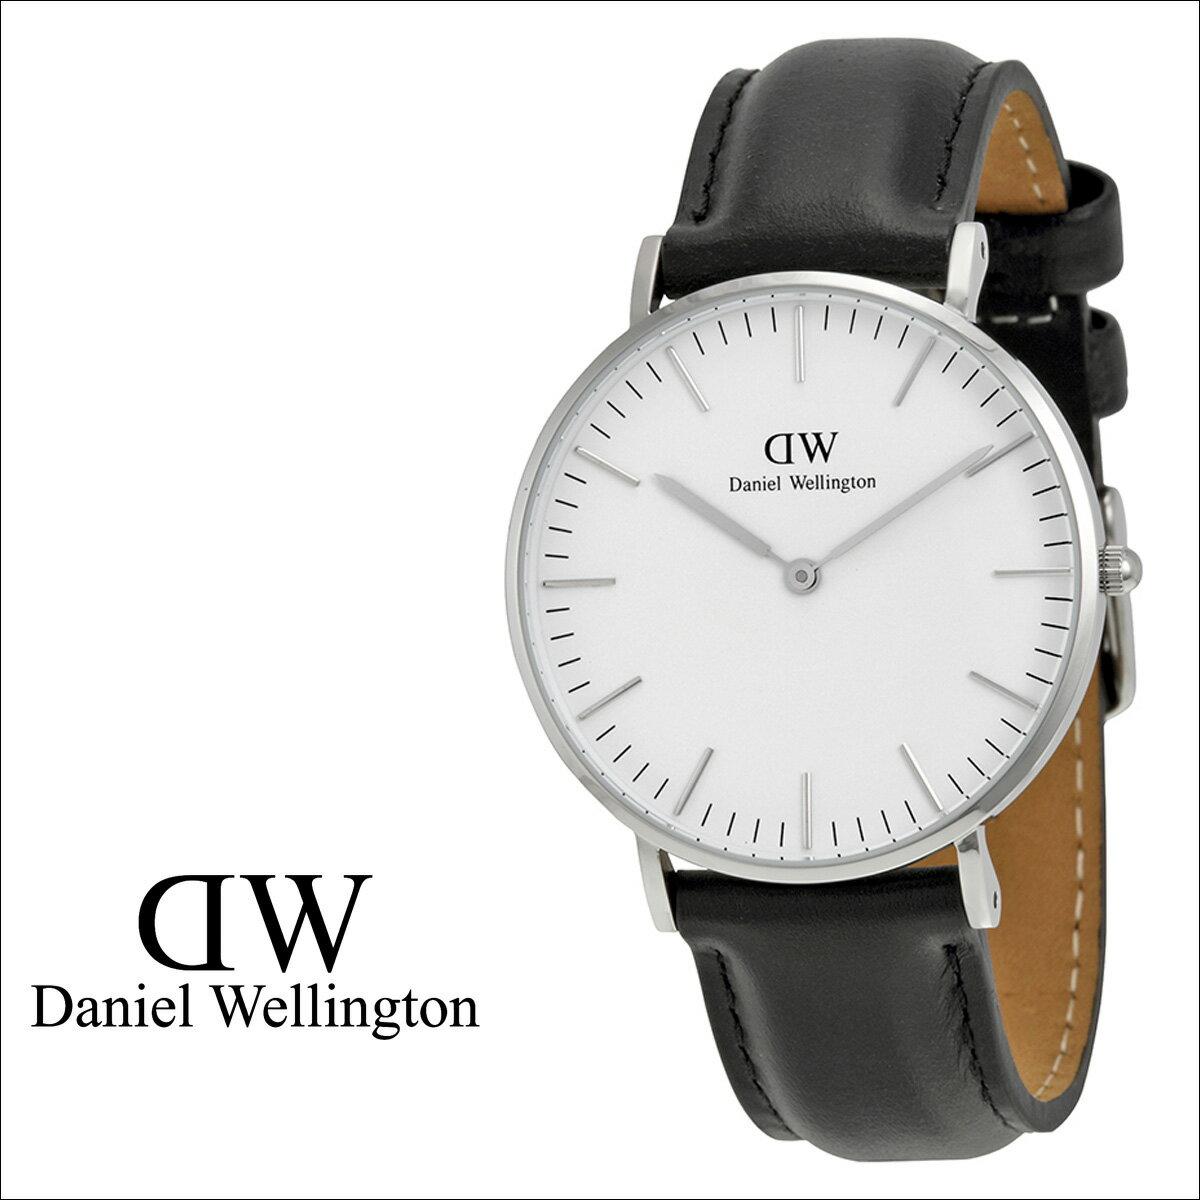 Daniel Wellington ダニエルウェリントン 36mm 腕時計 レディース CLASSIC SHEFFIELD LADY シルバー [S50][返品不可]